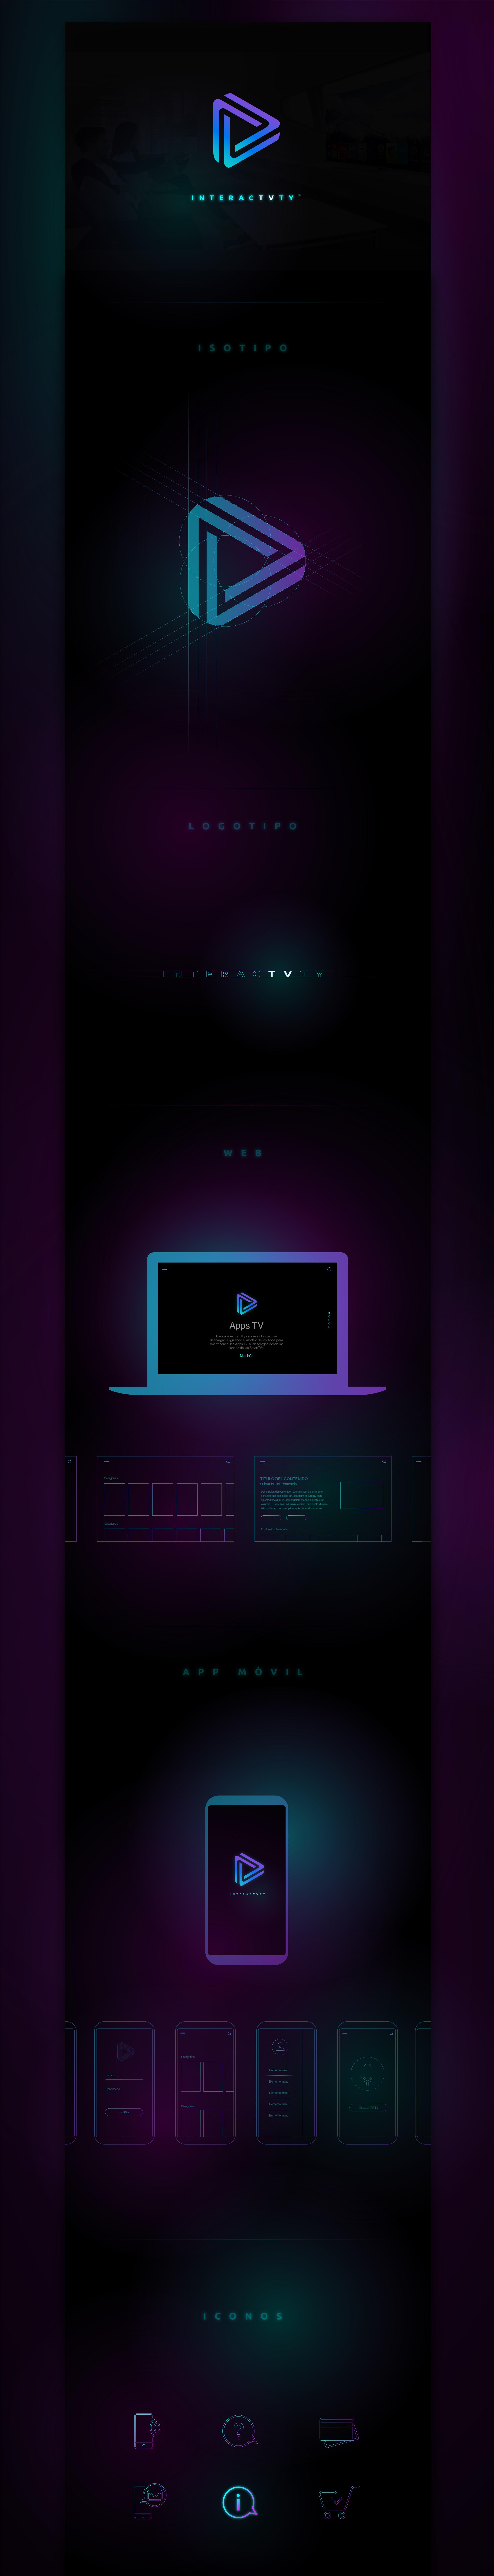 Branding y diseño web para interactvty por Binarid